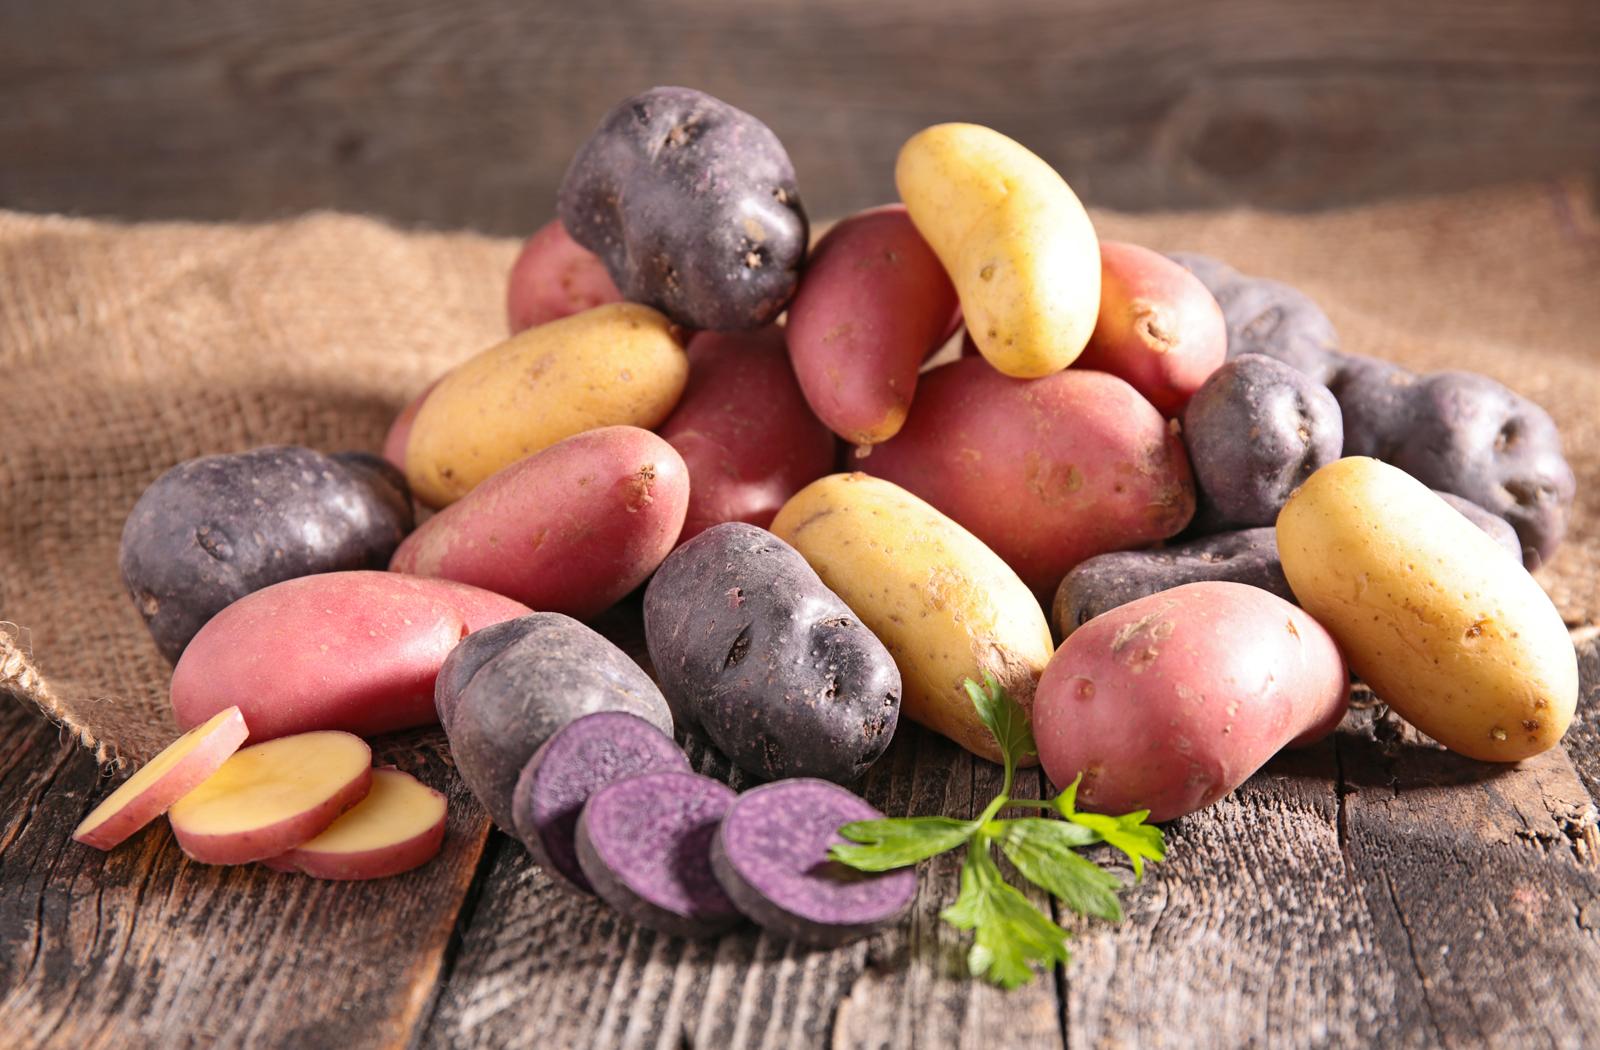 karel van der vorm - aardappelen